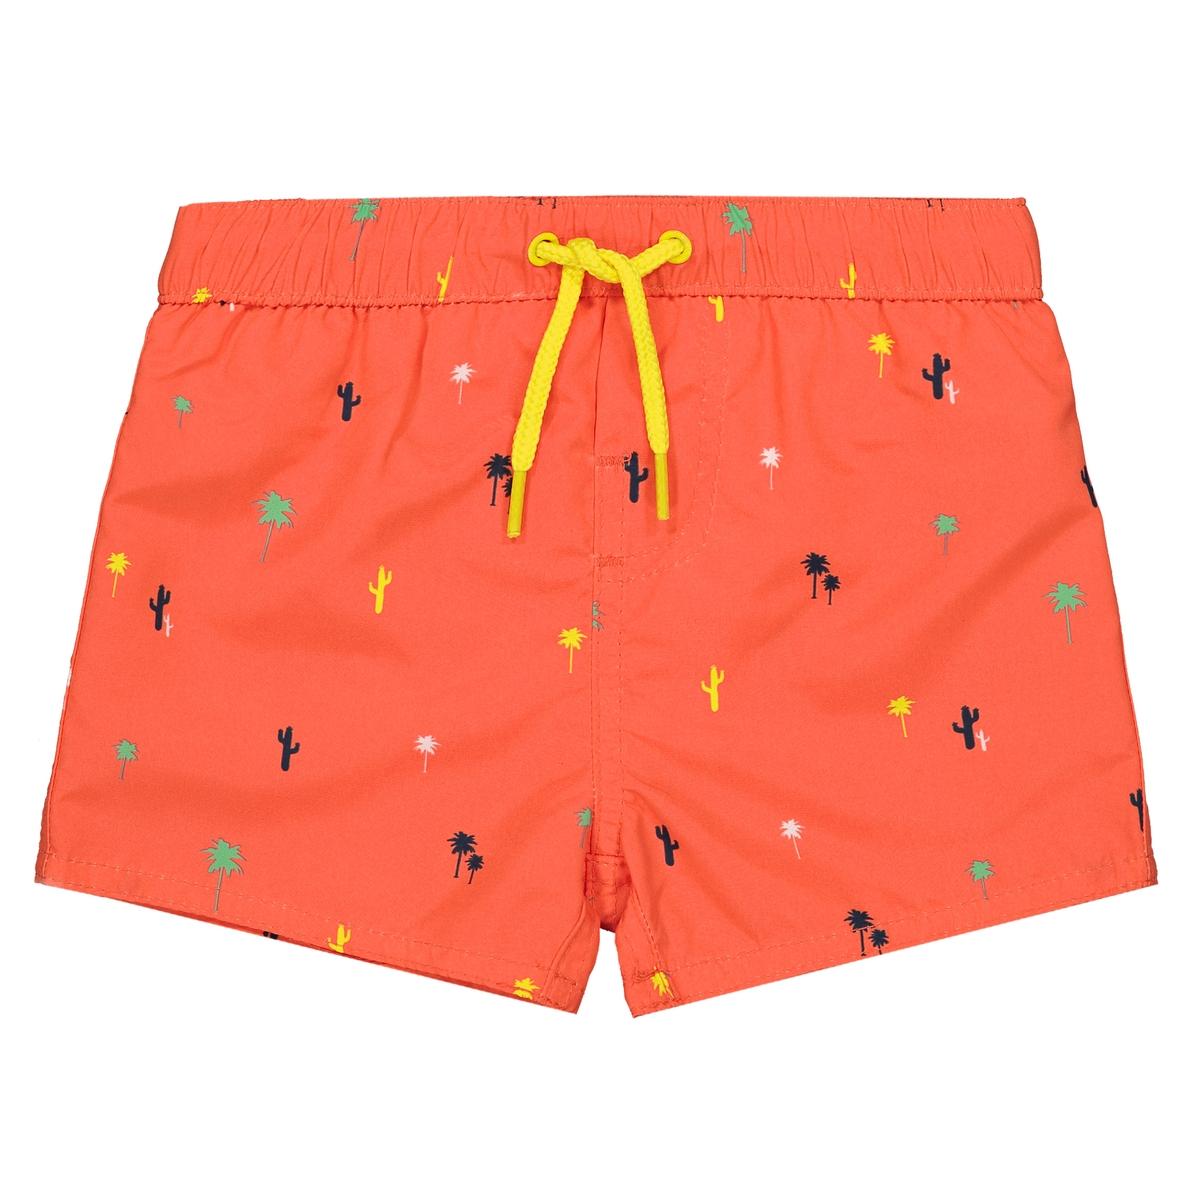 Шорты La Redoute Пляжные с рисунком мес - года 3 мес. - 60 см оранжевый шорты с вышивкой 1 мес 3 года